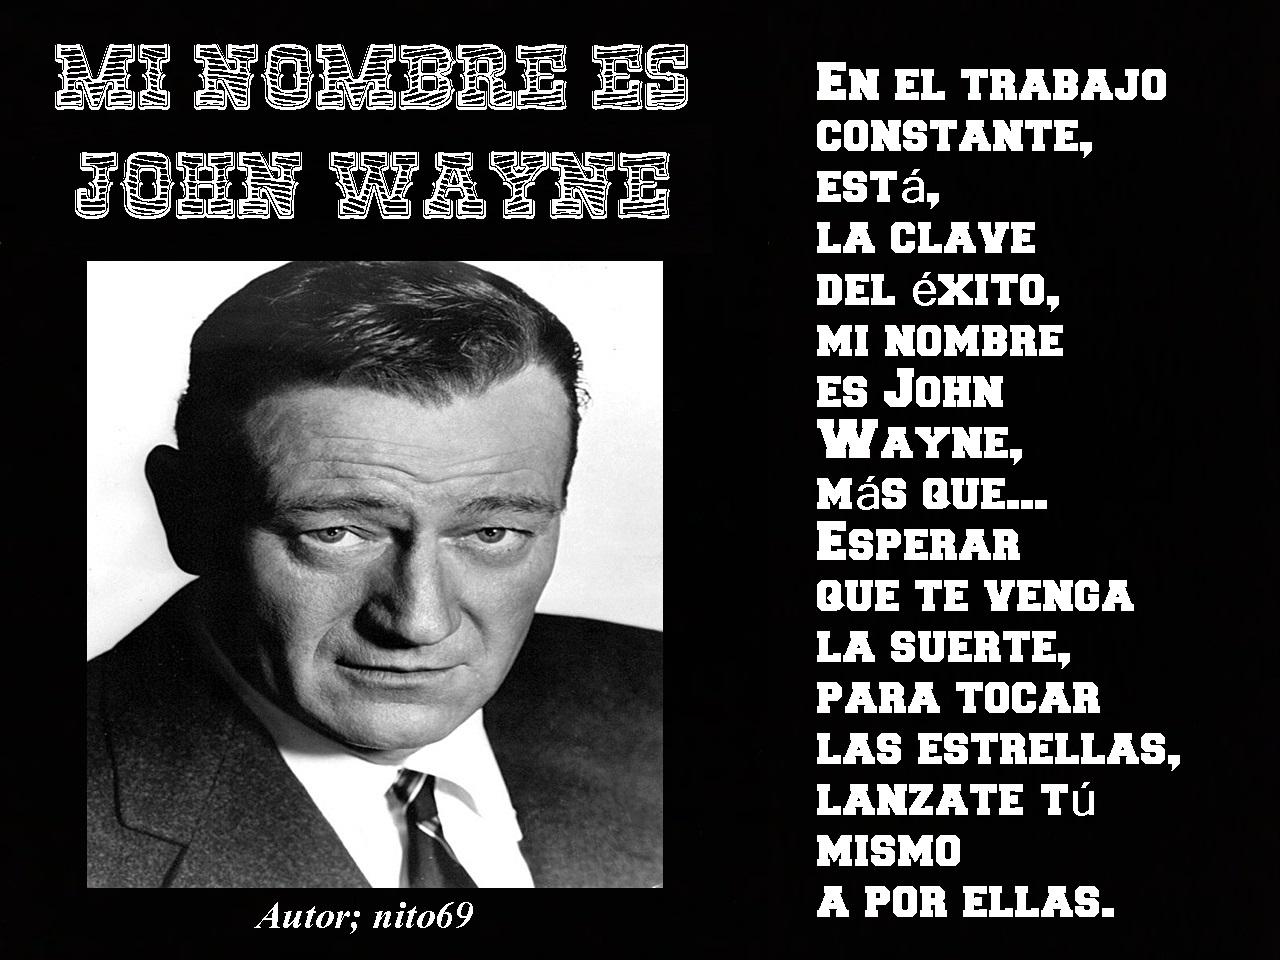 MI NOMBRE ES JOHN WAYNE